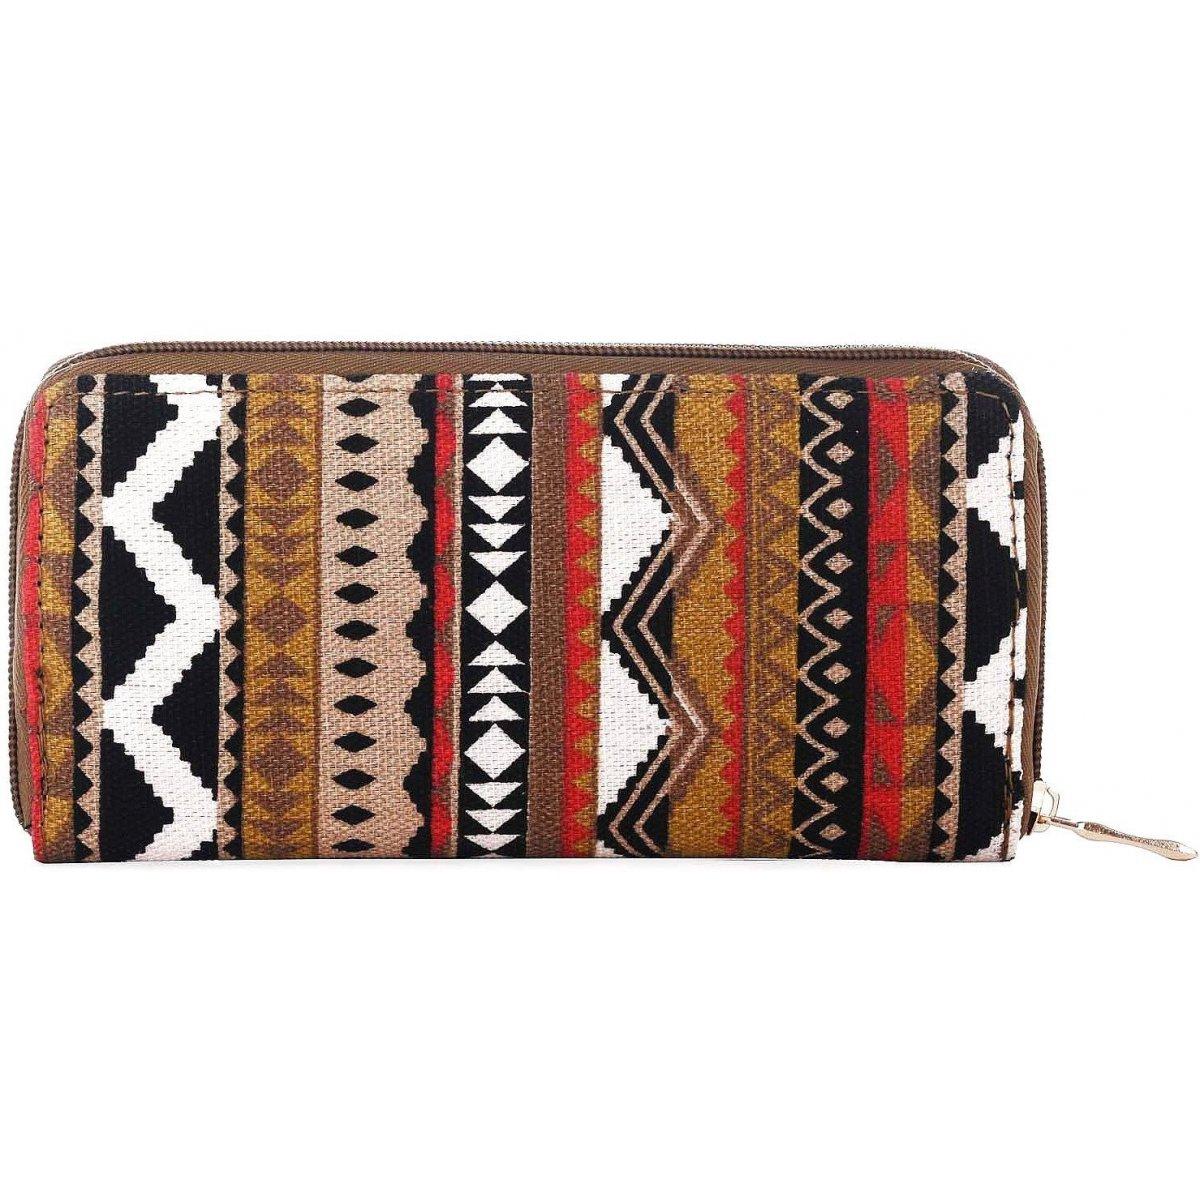 compagnon de voyage les sacs de krlot fkg0186 couleur principale 9. Black Bedroom Furniture Sets. Home Design Ideas